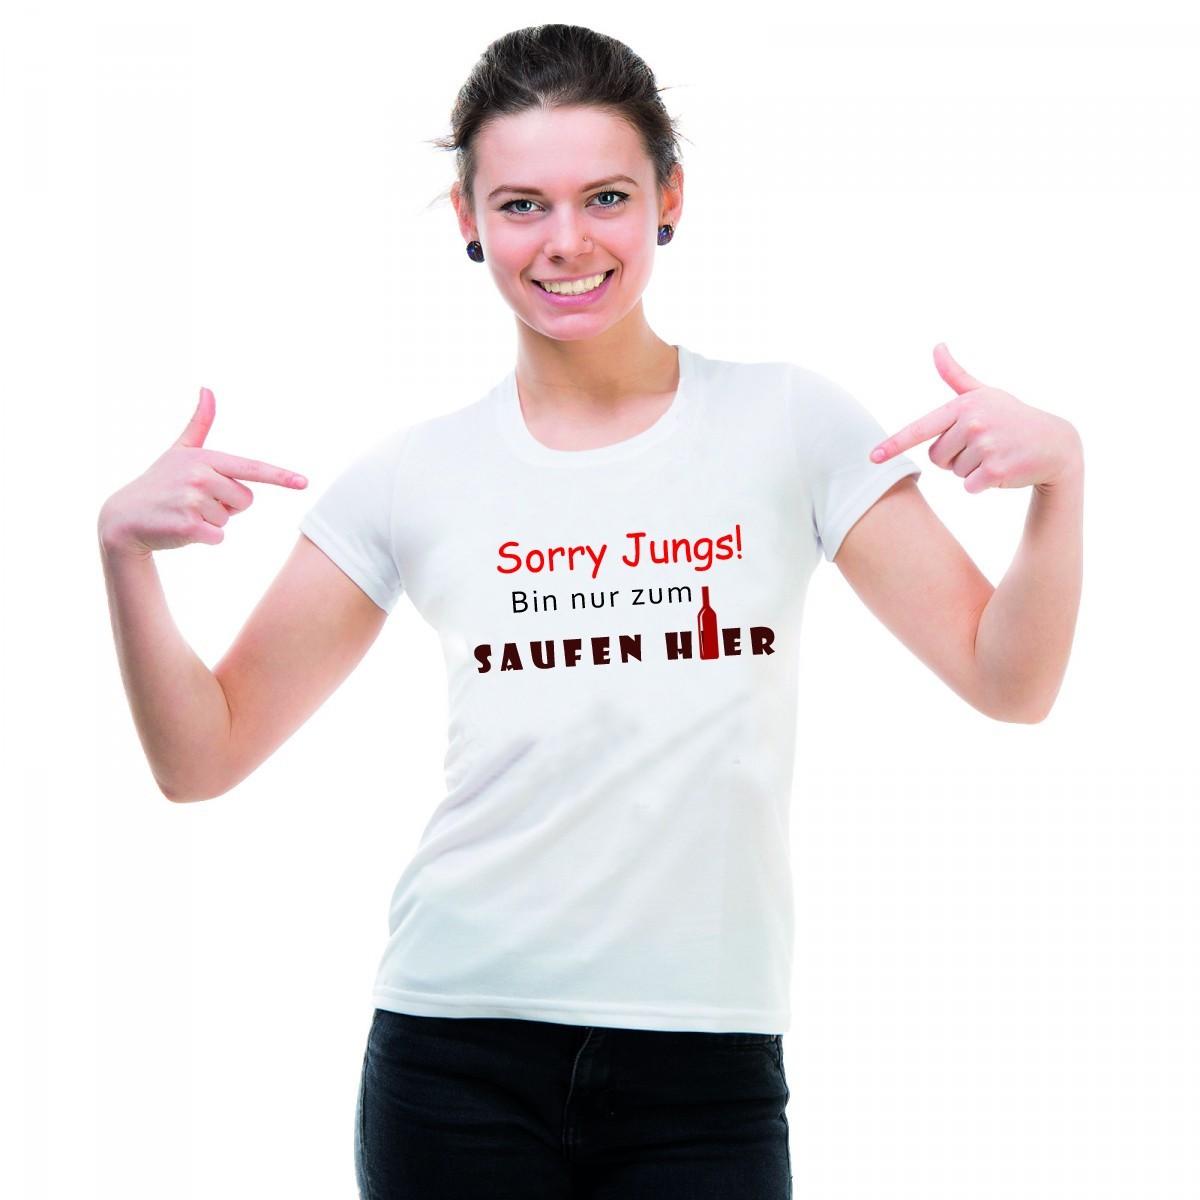 Funshirt weiß oder schwarz, als Tanktop oder Shirt - Sorry Jungs! Bin nur zum Saufen hier